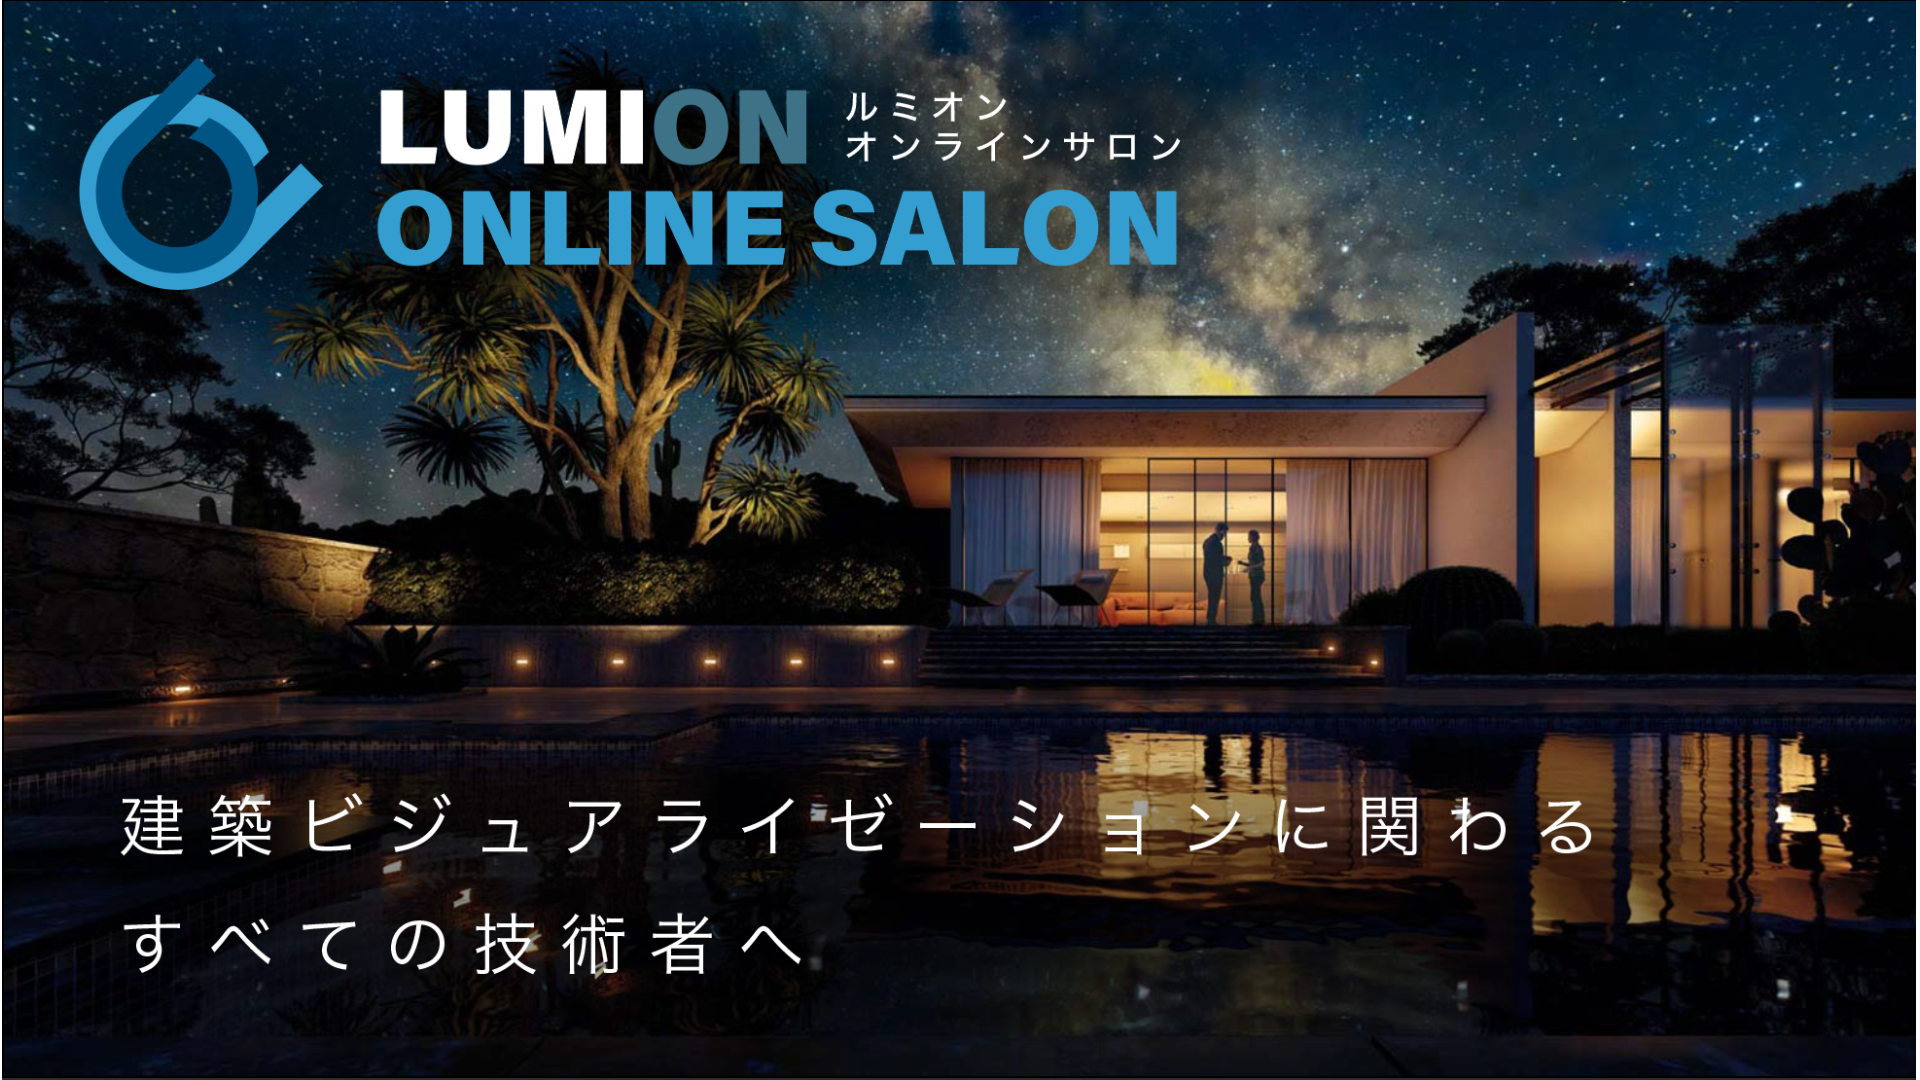 LUMIONオンラインサロン